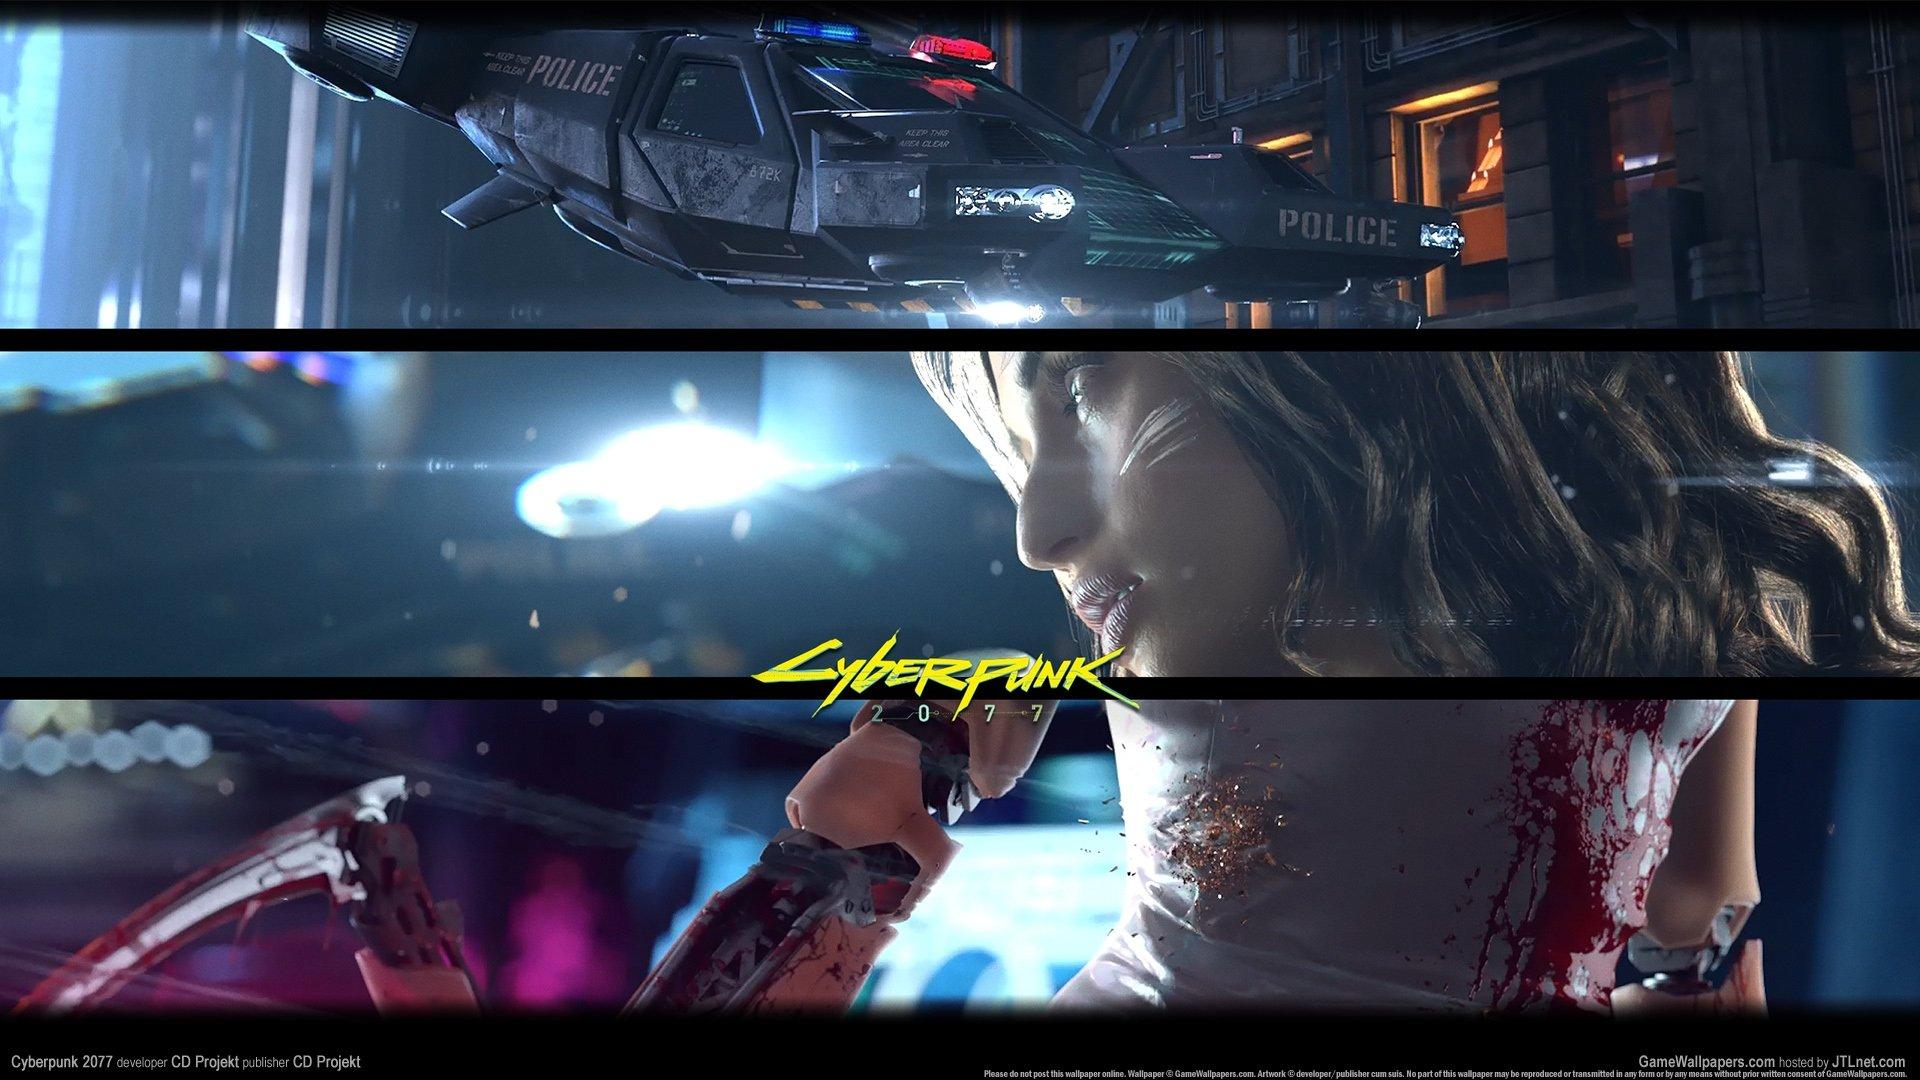 Cyberpunk 2077 1920x1080